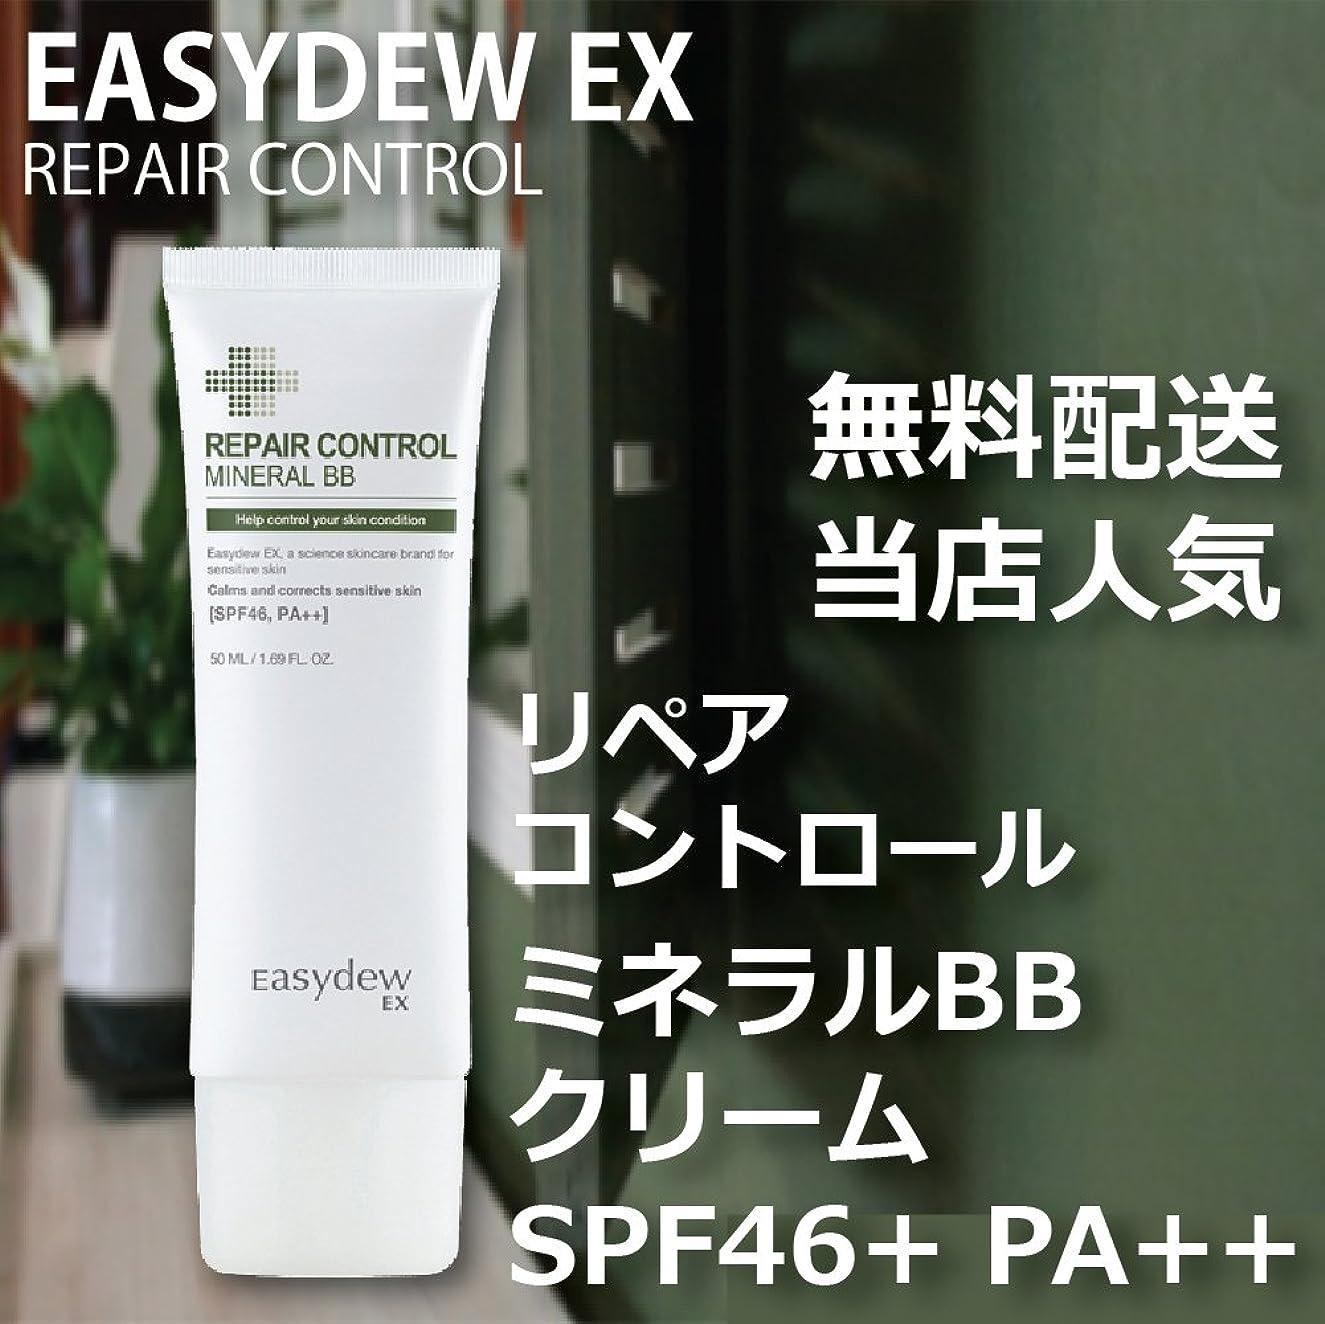 礼拝セットするネイティブEASY DEW EX ミネラル BBクリーム SPF46+ PA++ 50ml MINRAL BB CREAM 韓国 人気 コスメ イージーデュー 敏感 乾燥 美白 しわ 3重機能性